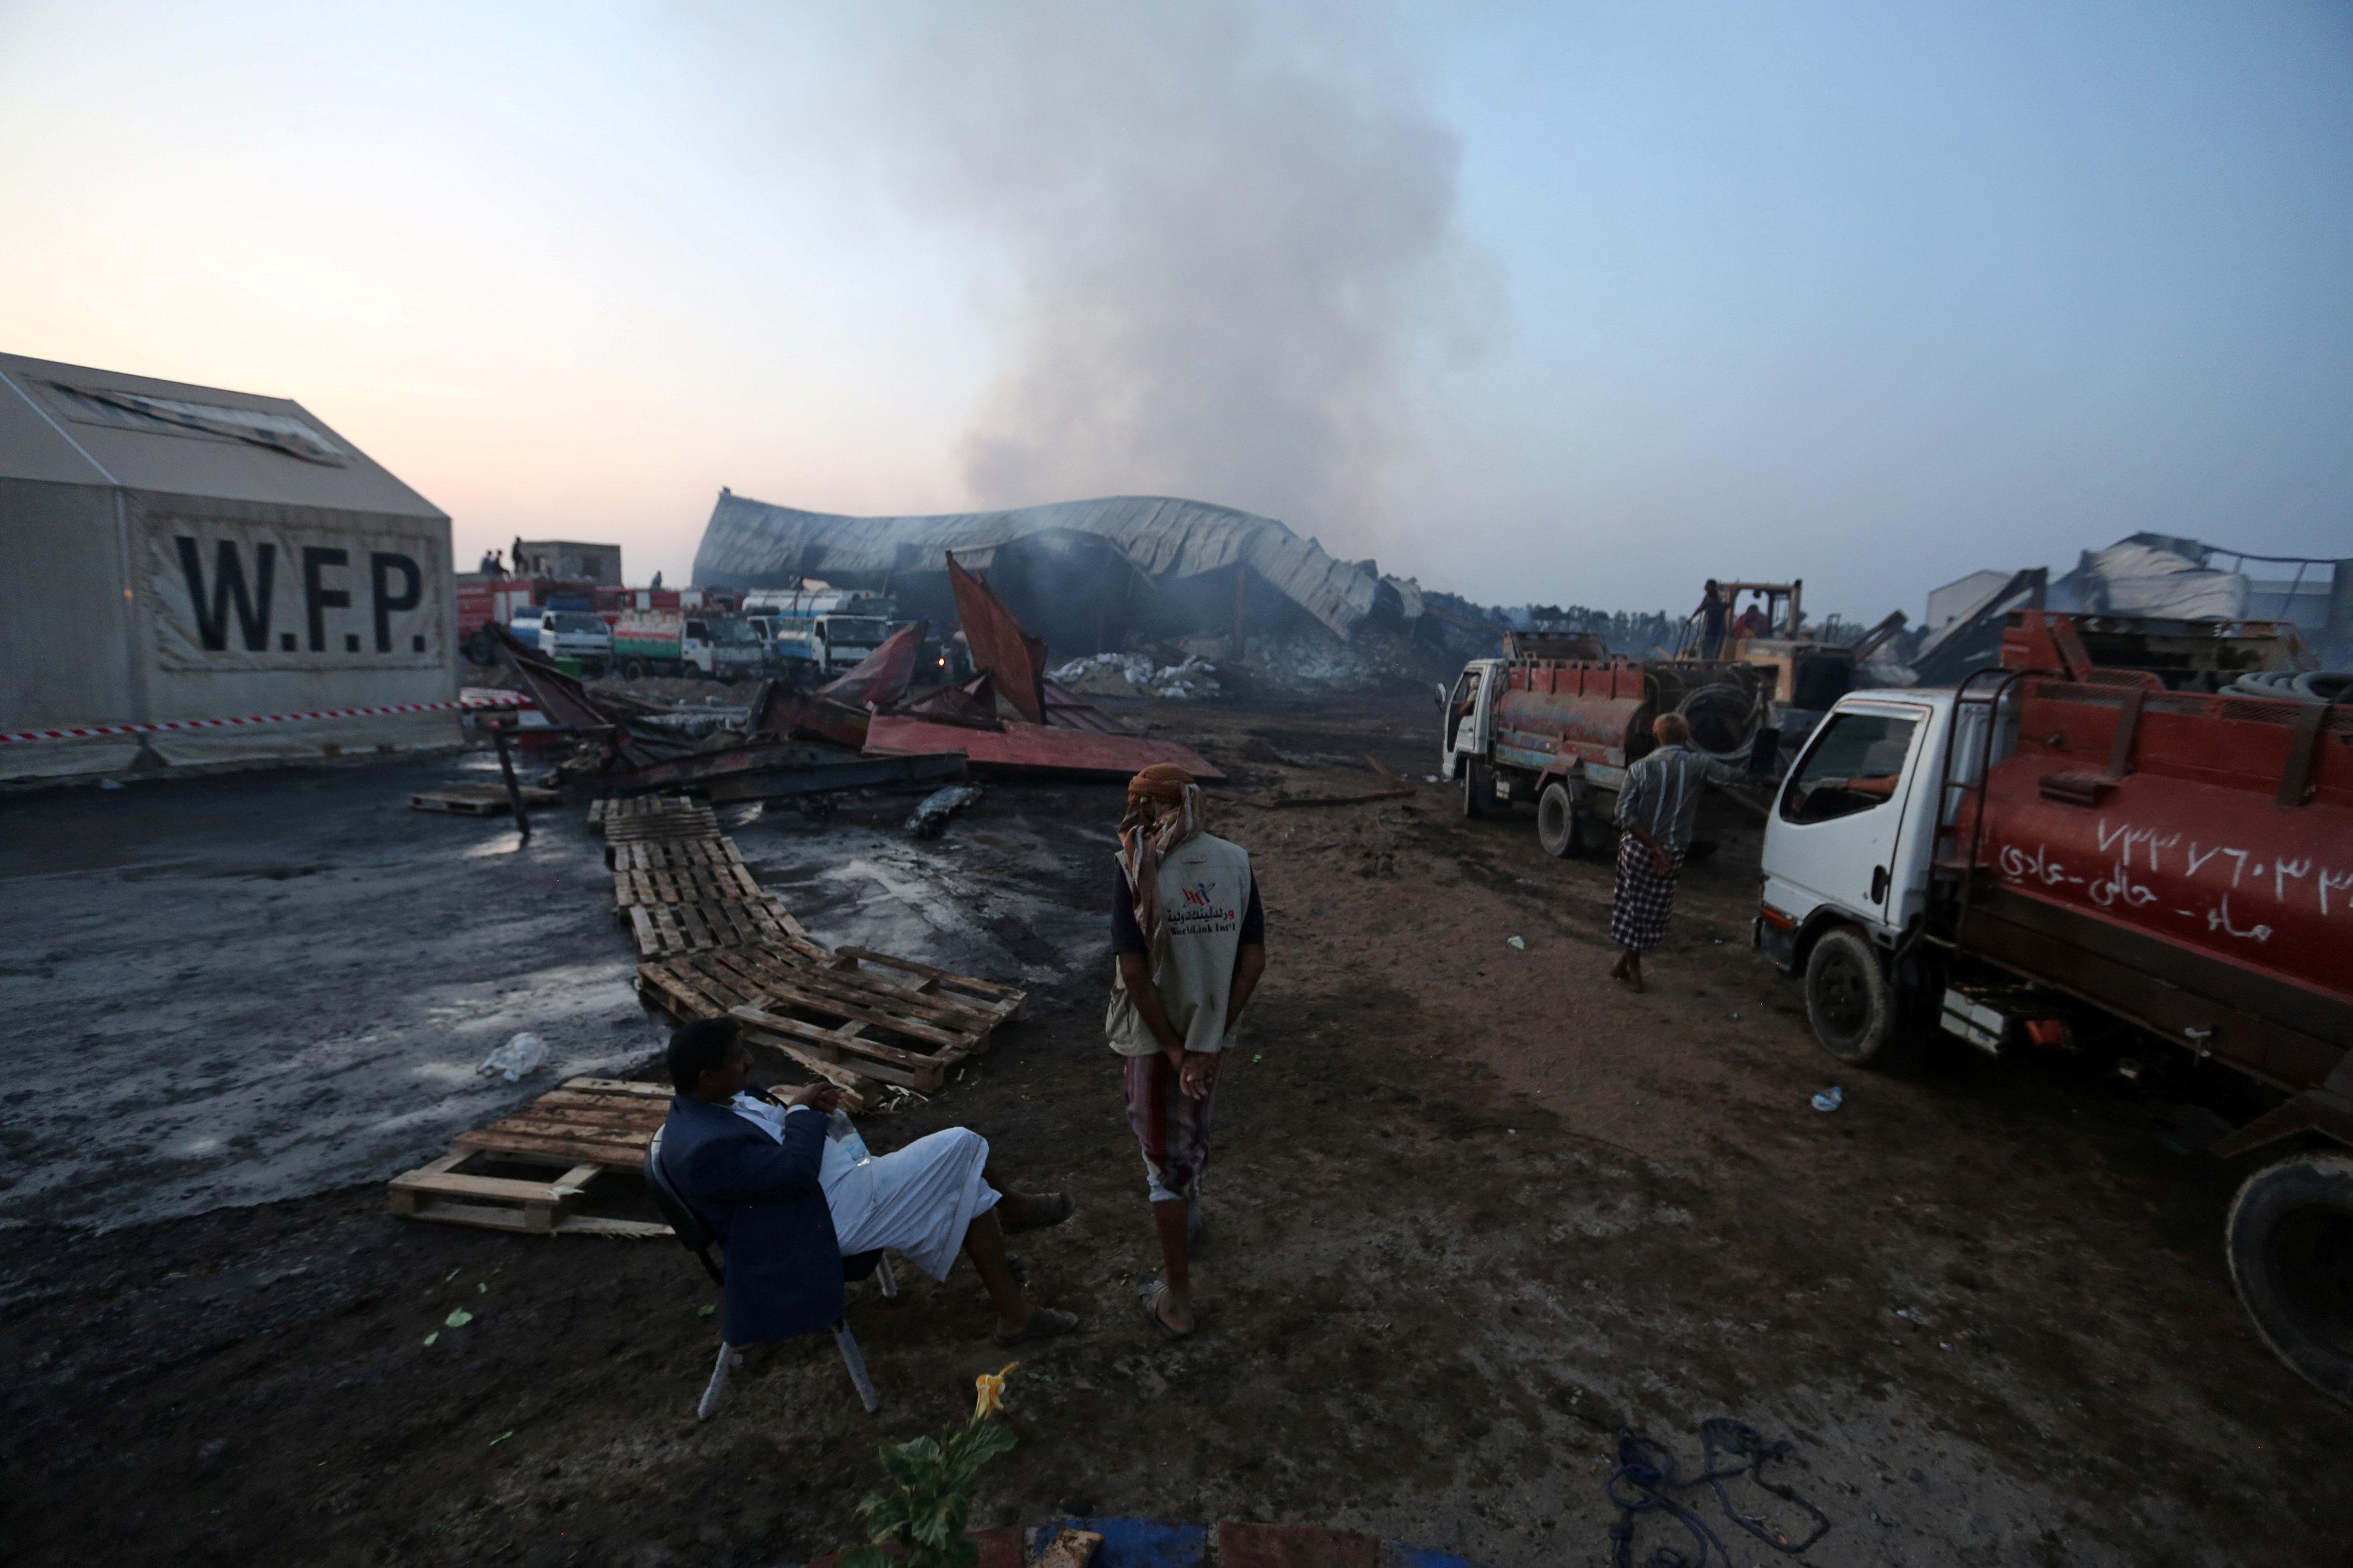 El humo sale de un almacén del Programa Mundial de Alimentos un día después de que el fuego lo envolvió en la ciudad portuaria de Hodeida, Yemen, el 1 de abril de 2018. REUTERS / Abduljabbar Zeyad